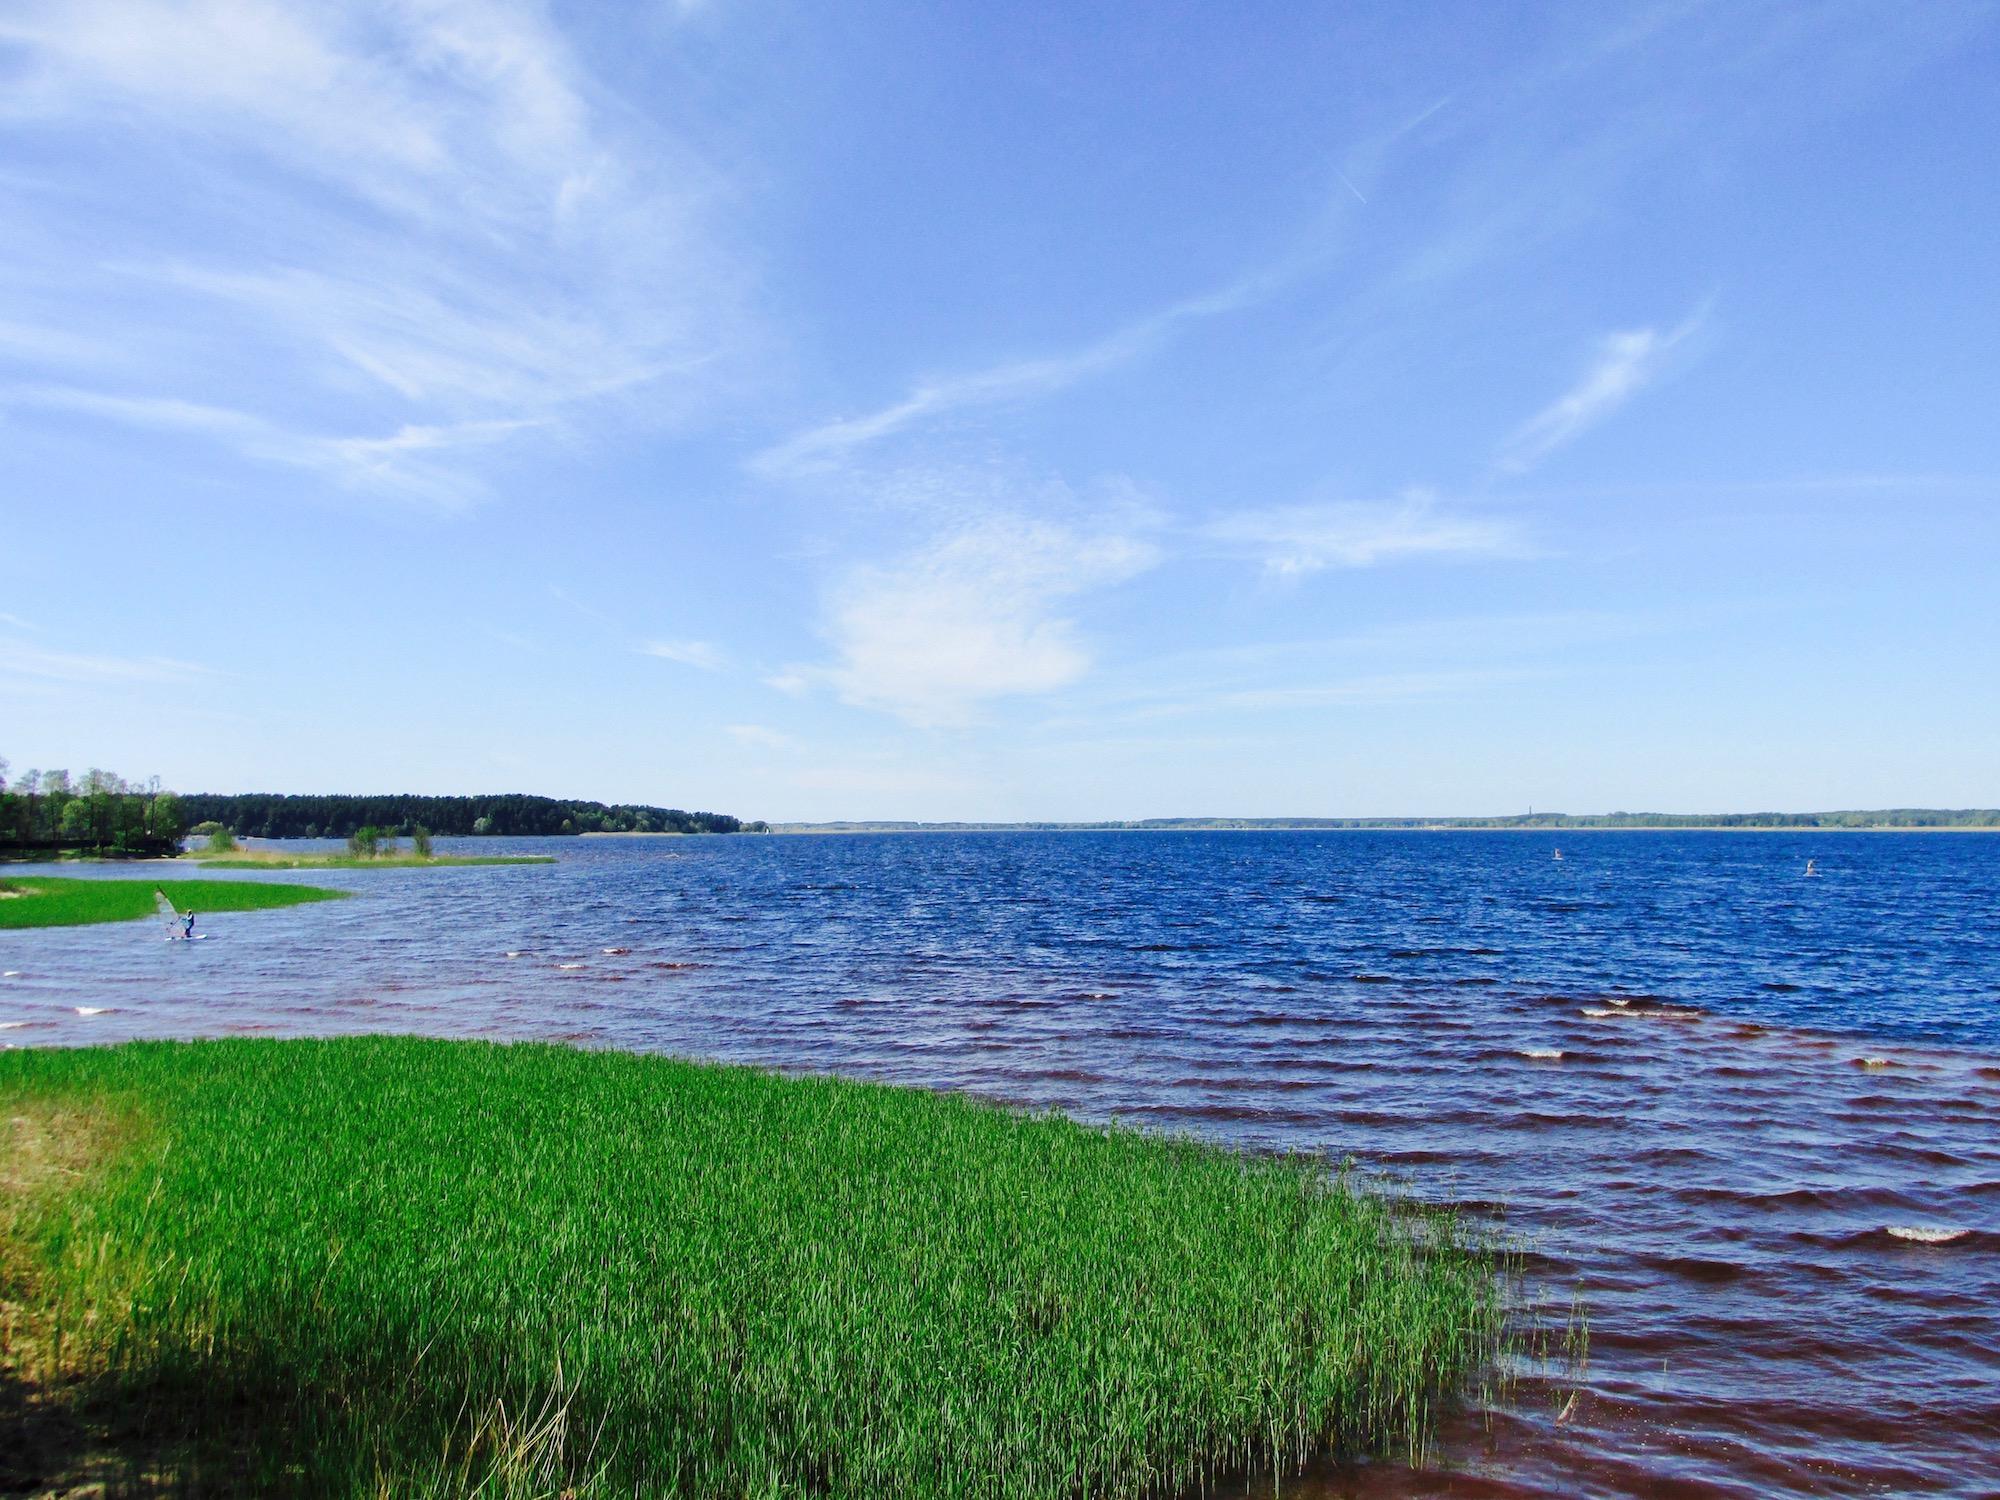 Ķīšezers lake in Mežaparks